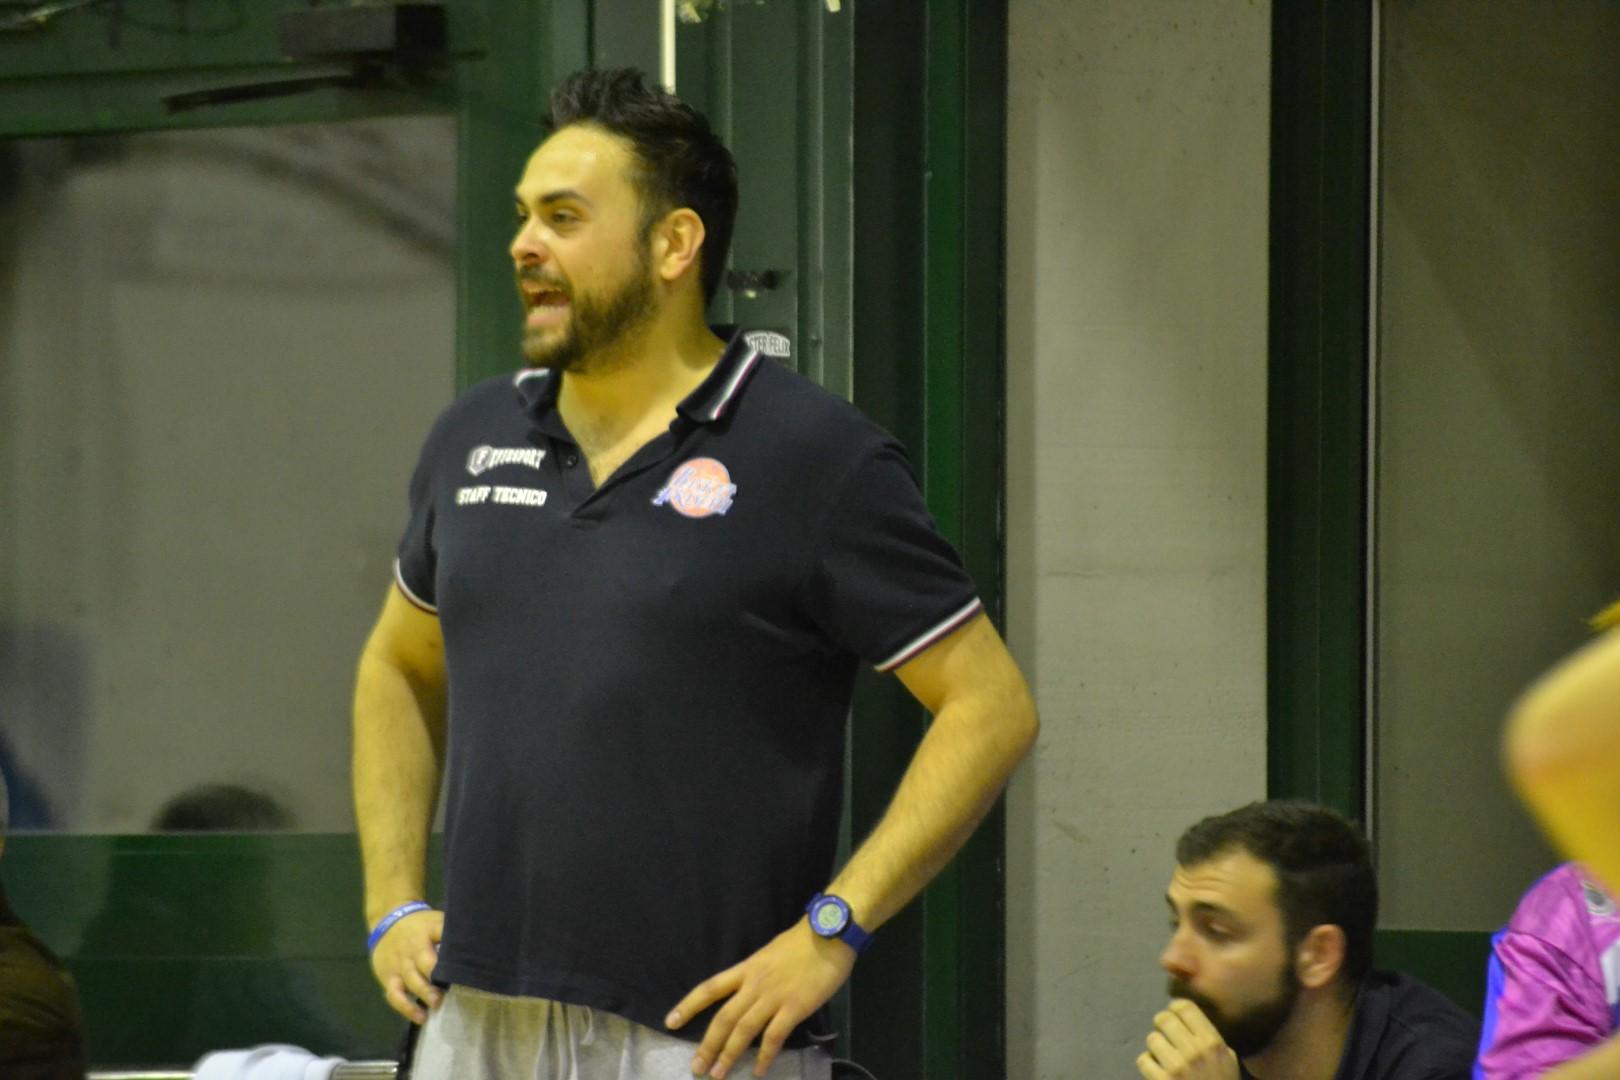 Marco Frisciotti